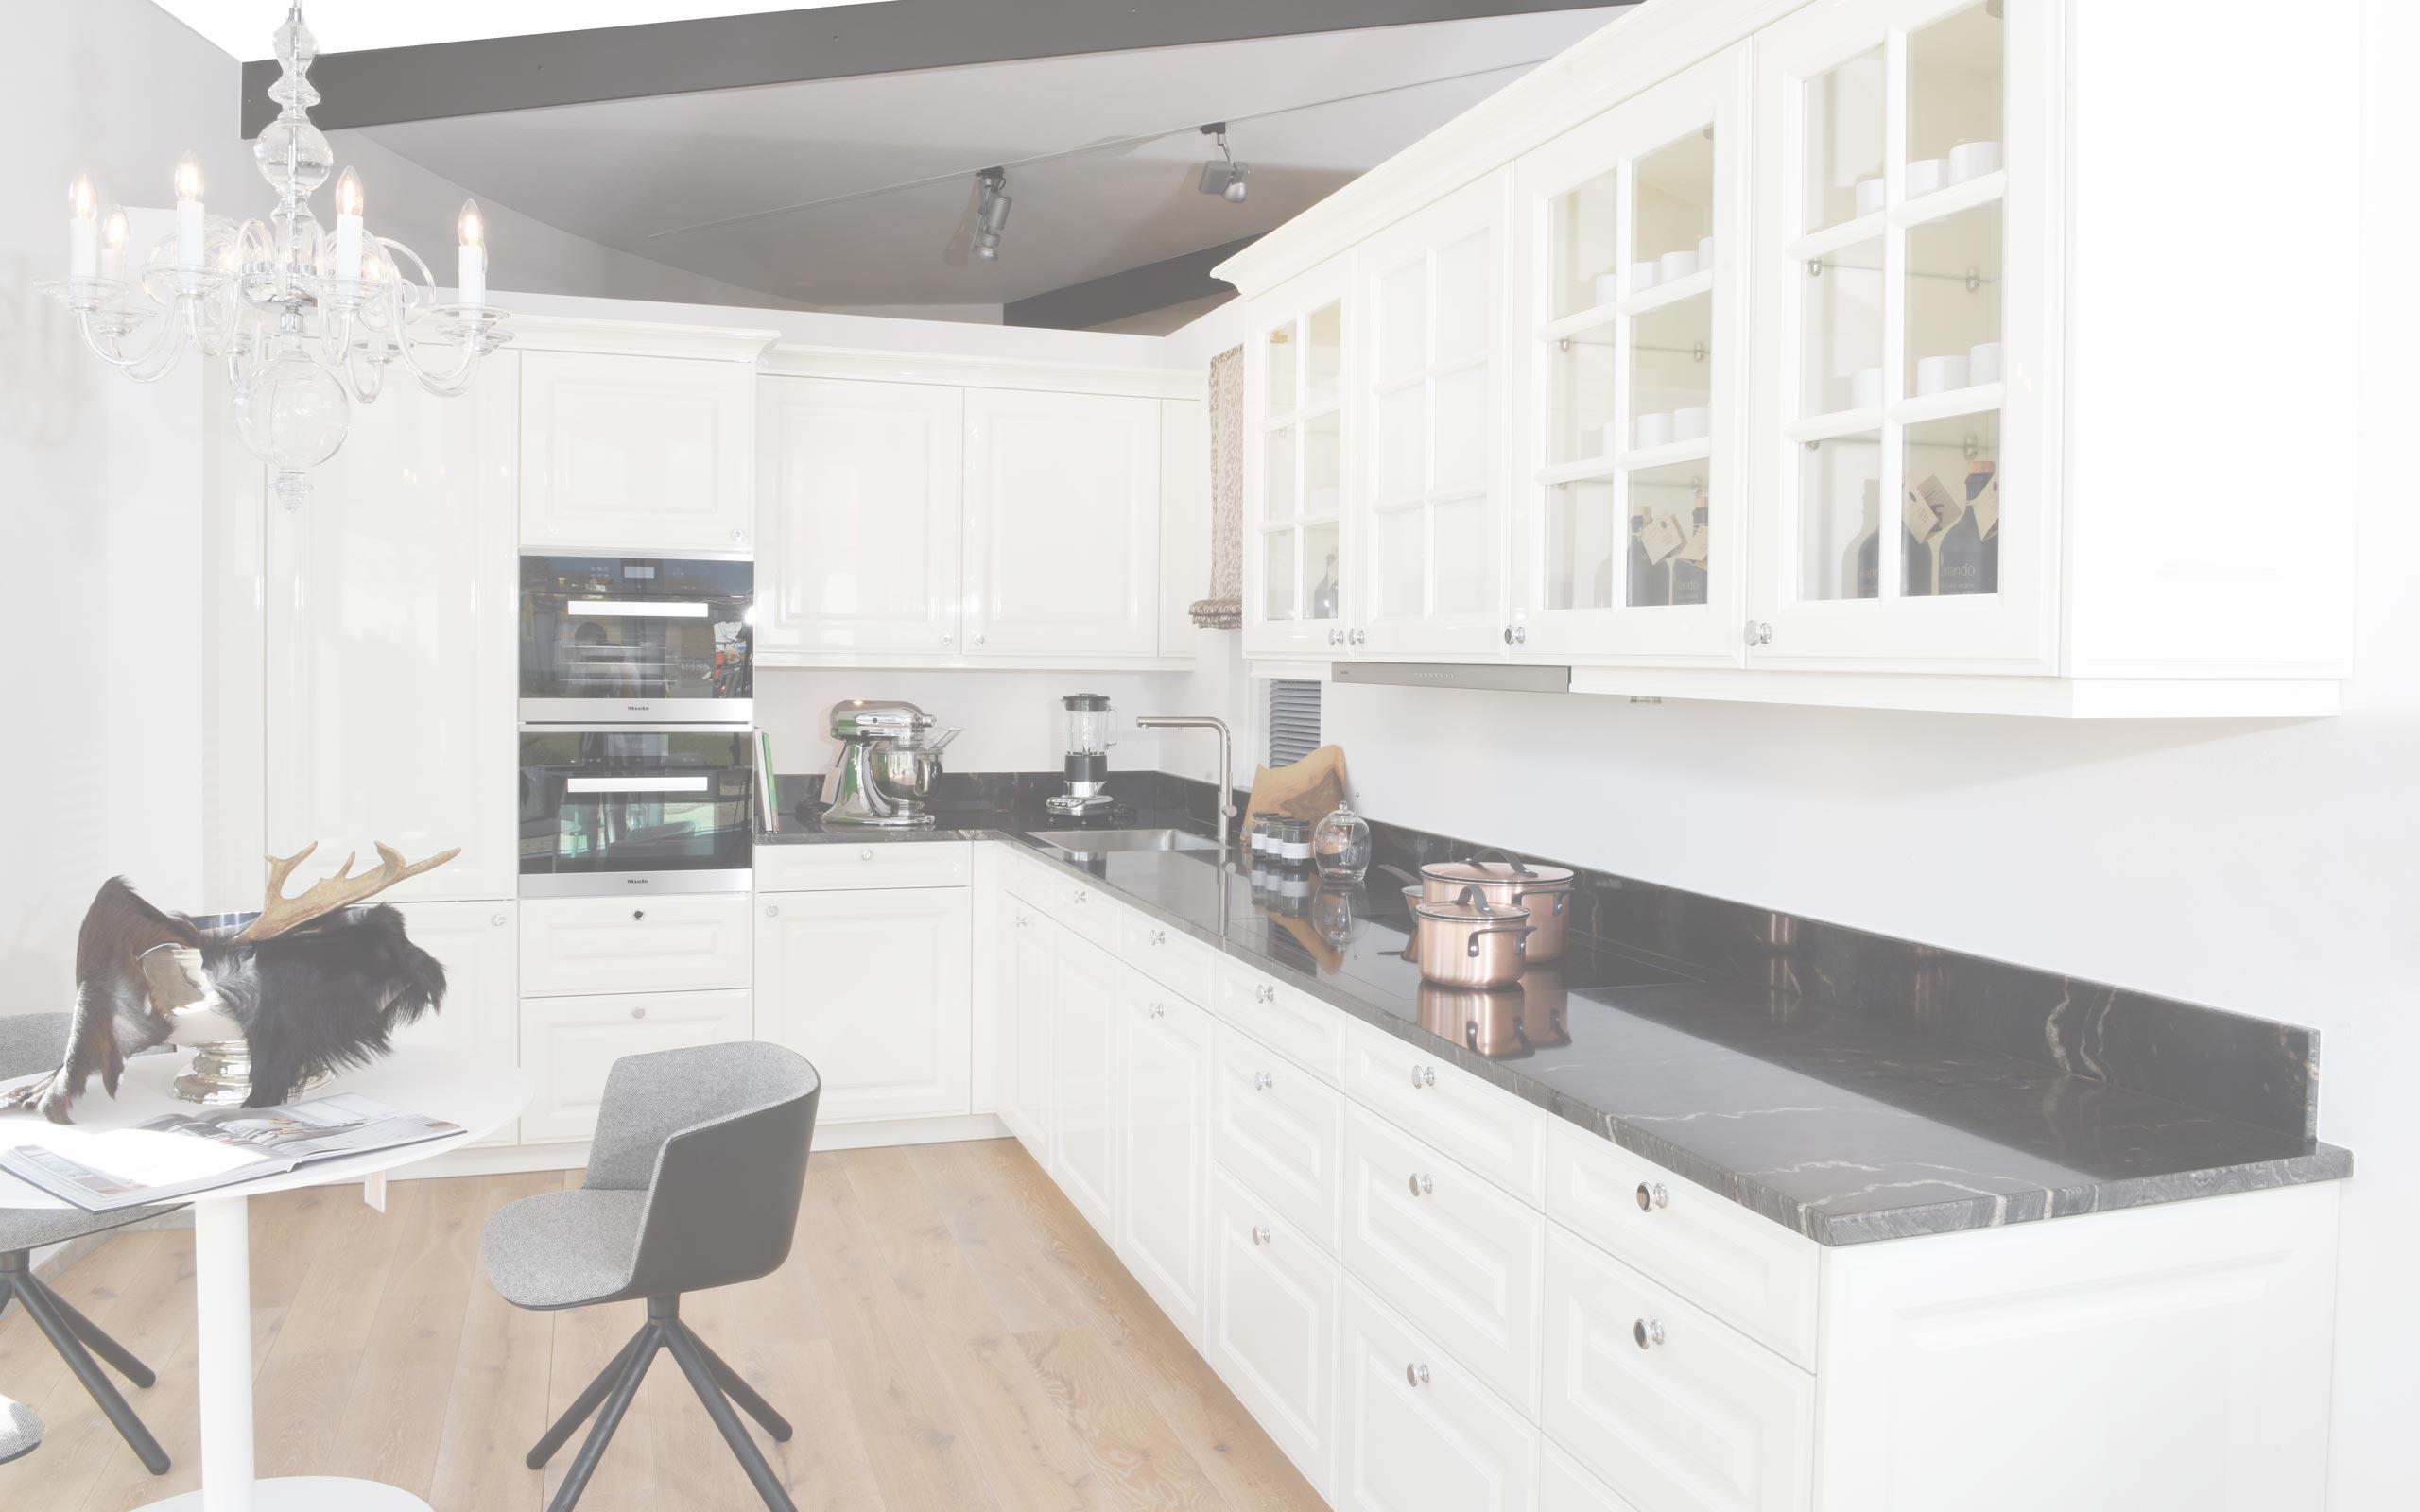 k chen b der in efringen kirchen erwin bucher gmbh rezepte. Black Bedroom Furniture Sets. Home Design Ideas